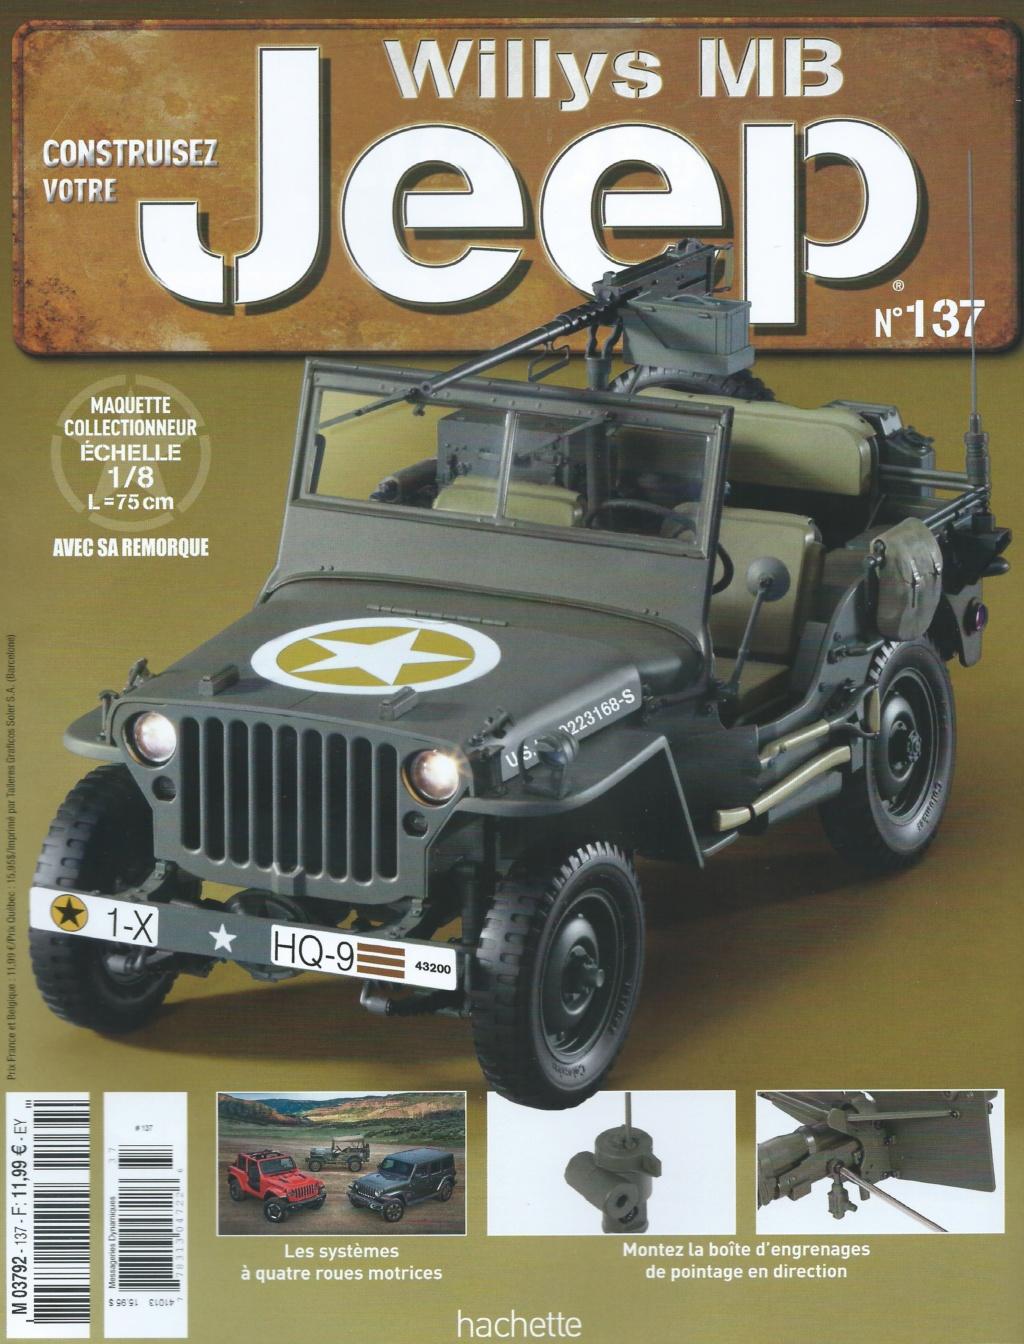 Jeep Willis Hachette au 1/8 [Partie II] - Page 7 N137_p10